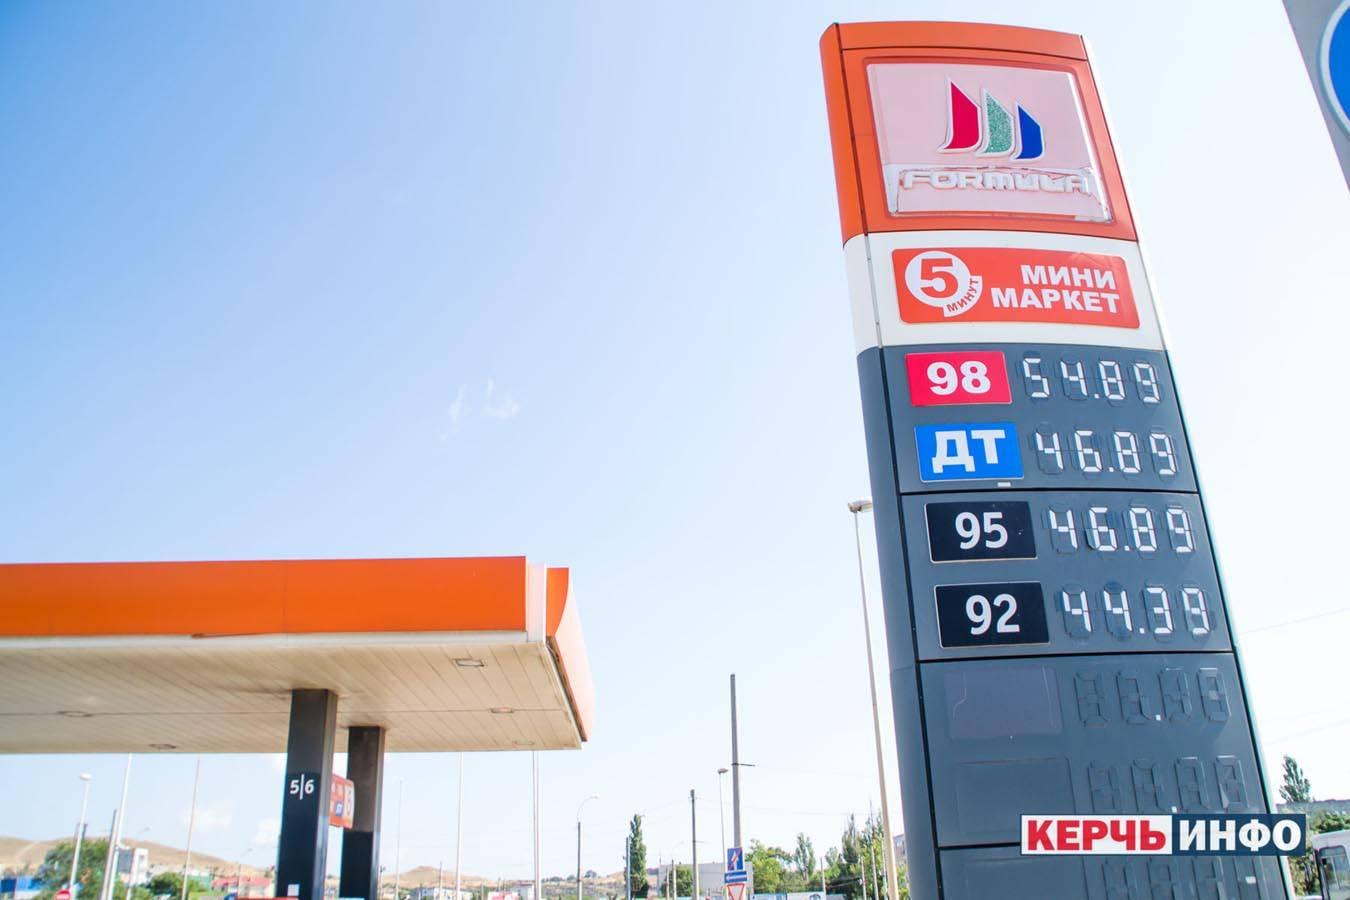 Стоимость цены на бензин в европе, цена на бензин в польше, цена на бензин в латвии